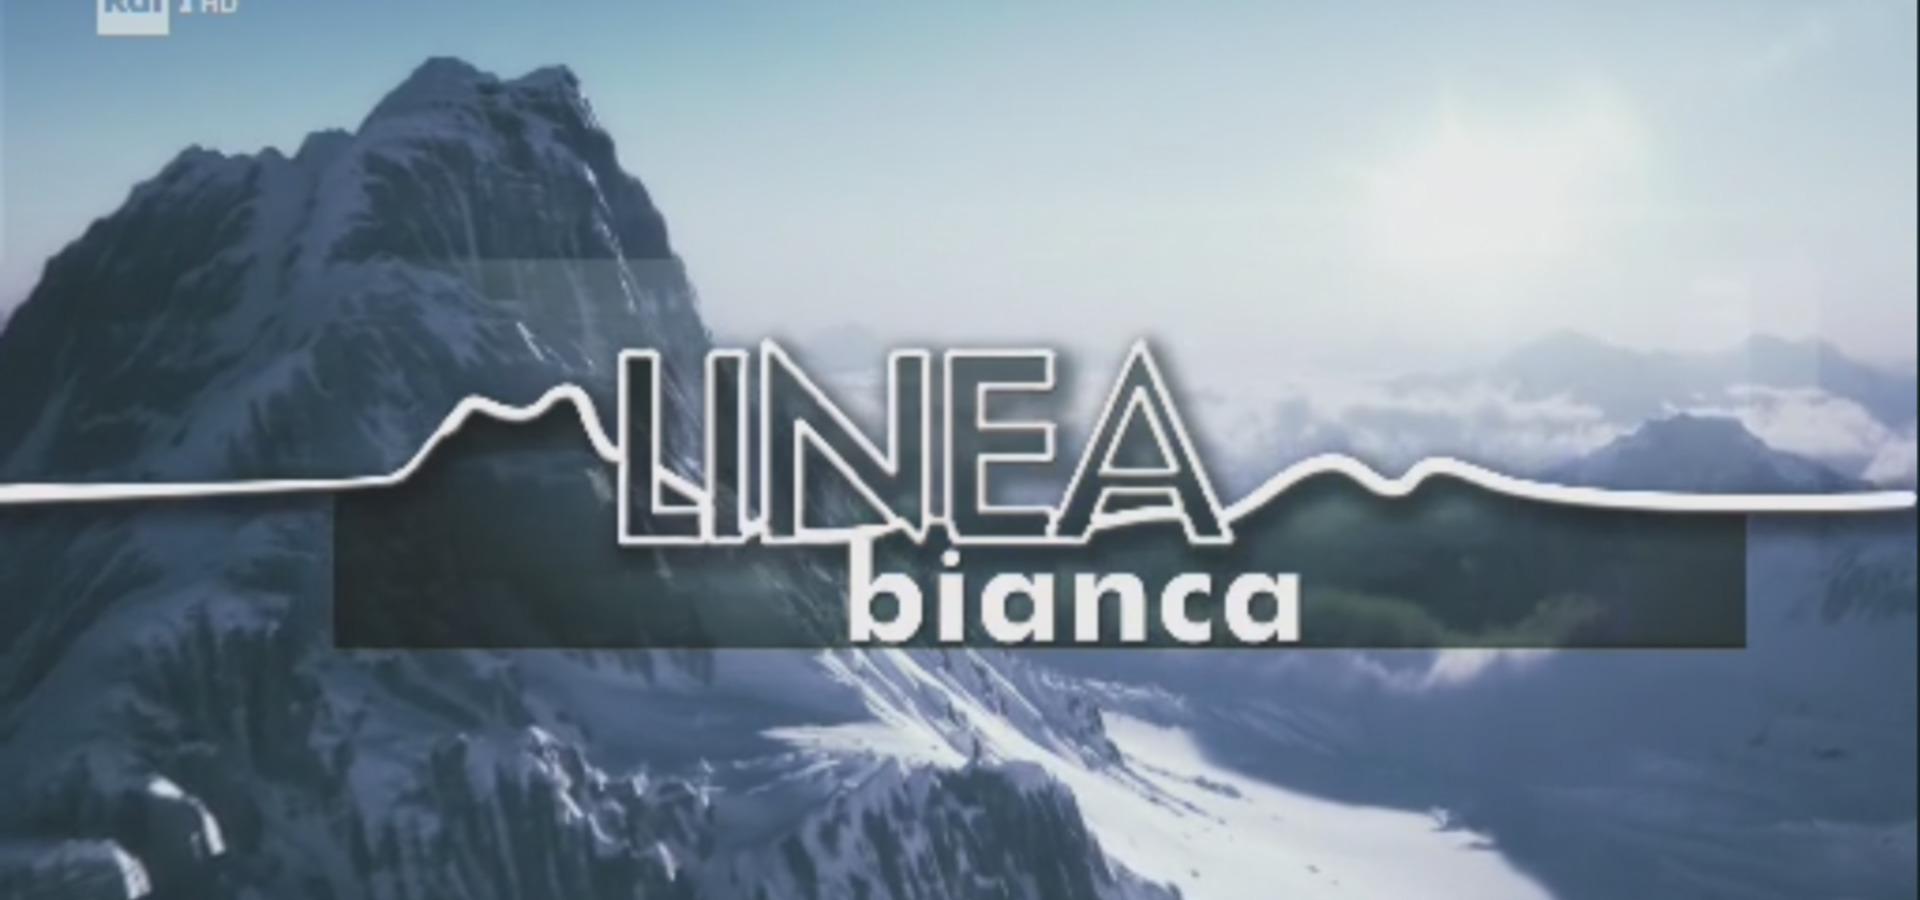 Arabba - Fodom su Linea Bianca nella puntata dedicata al Sellaronda